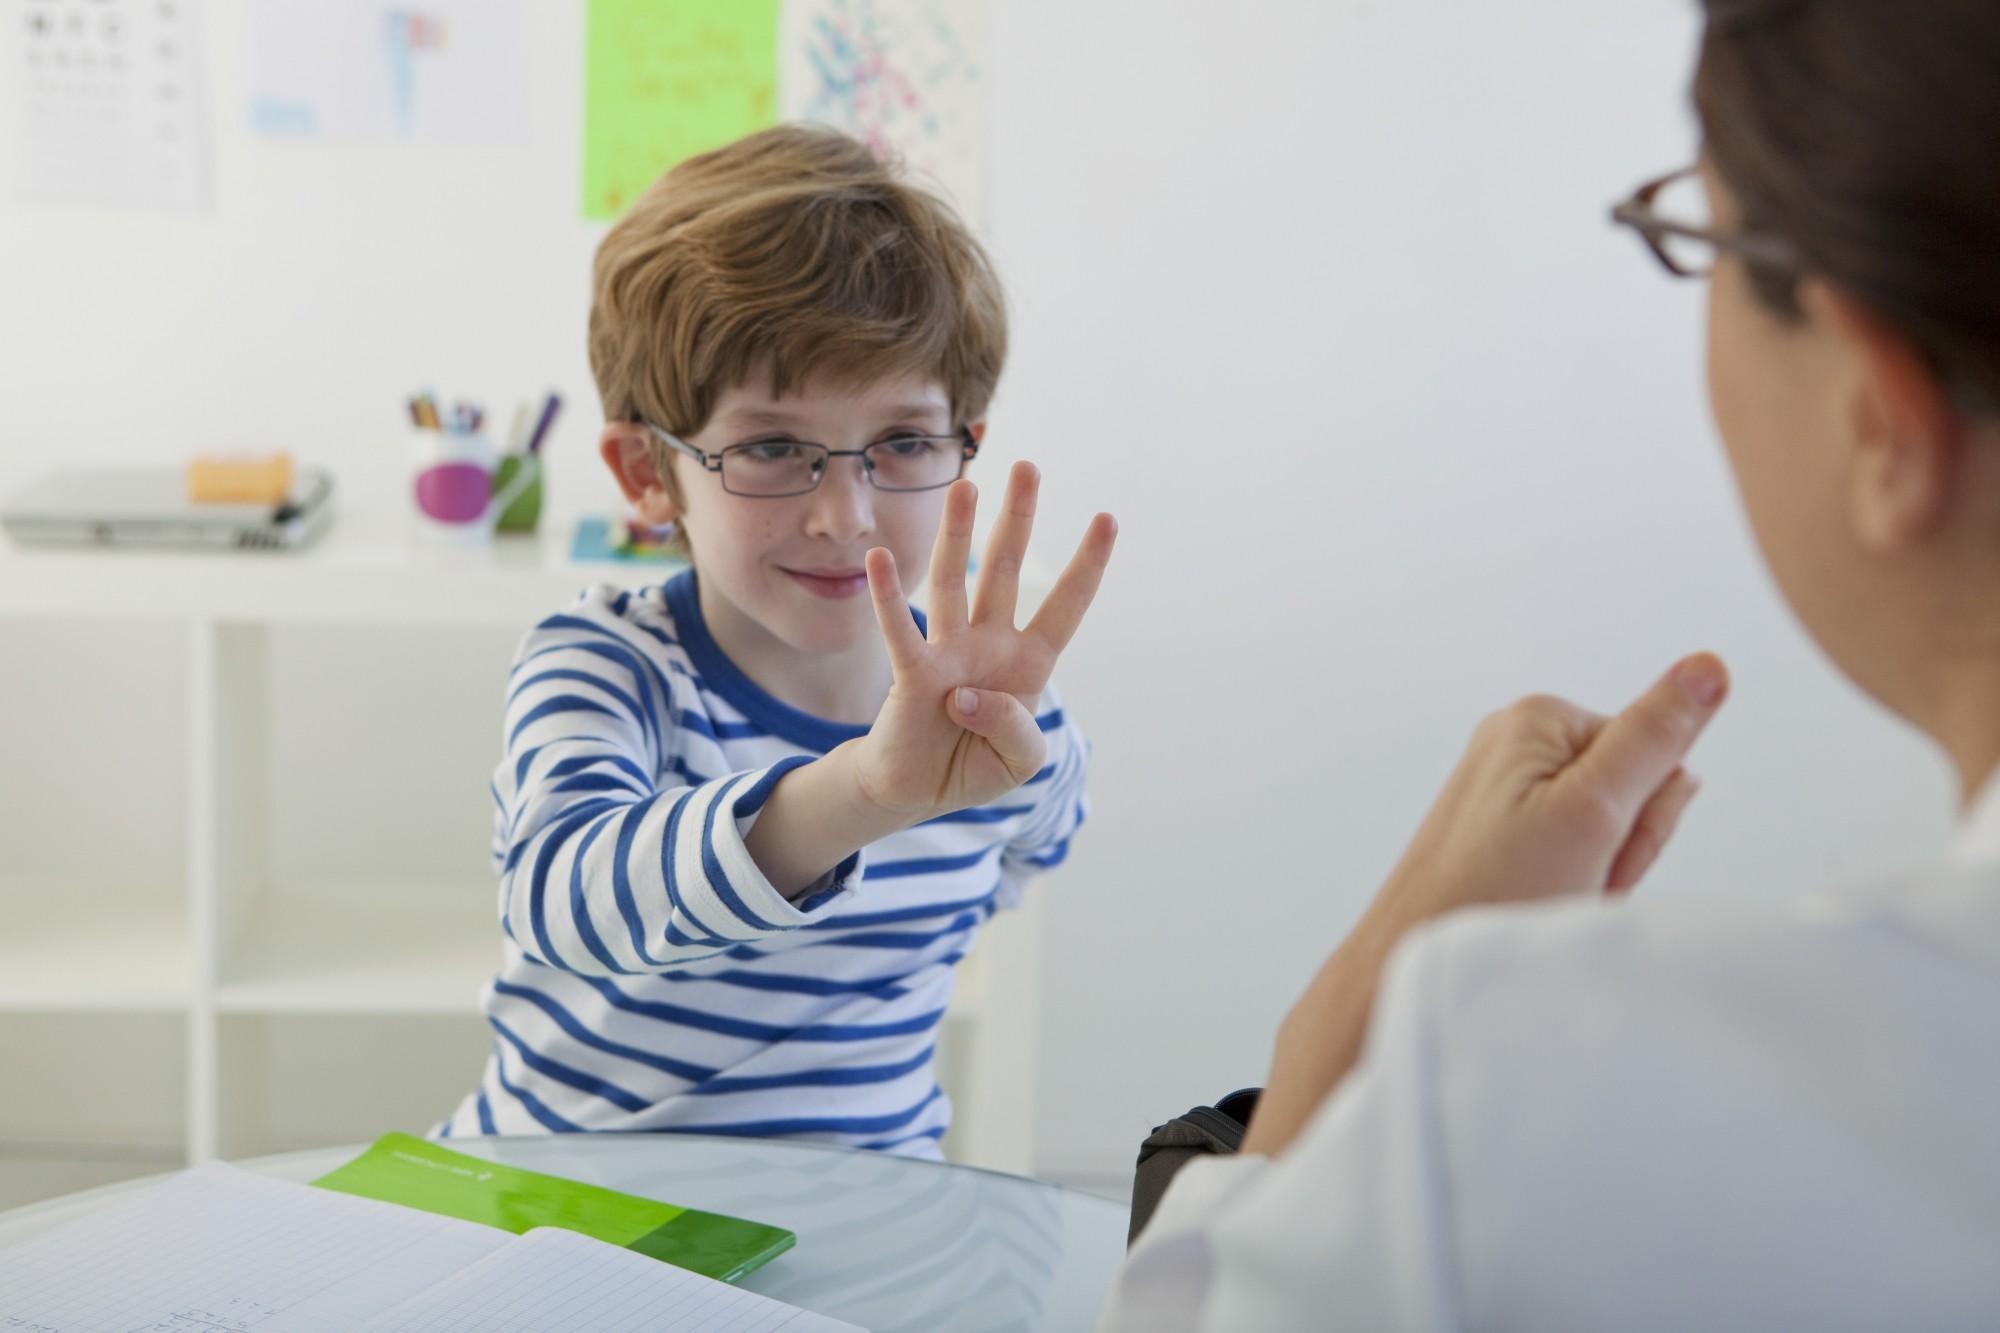 Ką daryti, kai Jūsų vaikas susiduria su sunkumais matematikos pamokoje?